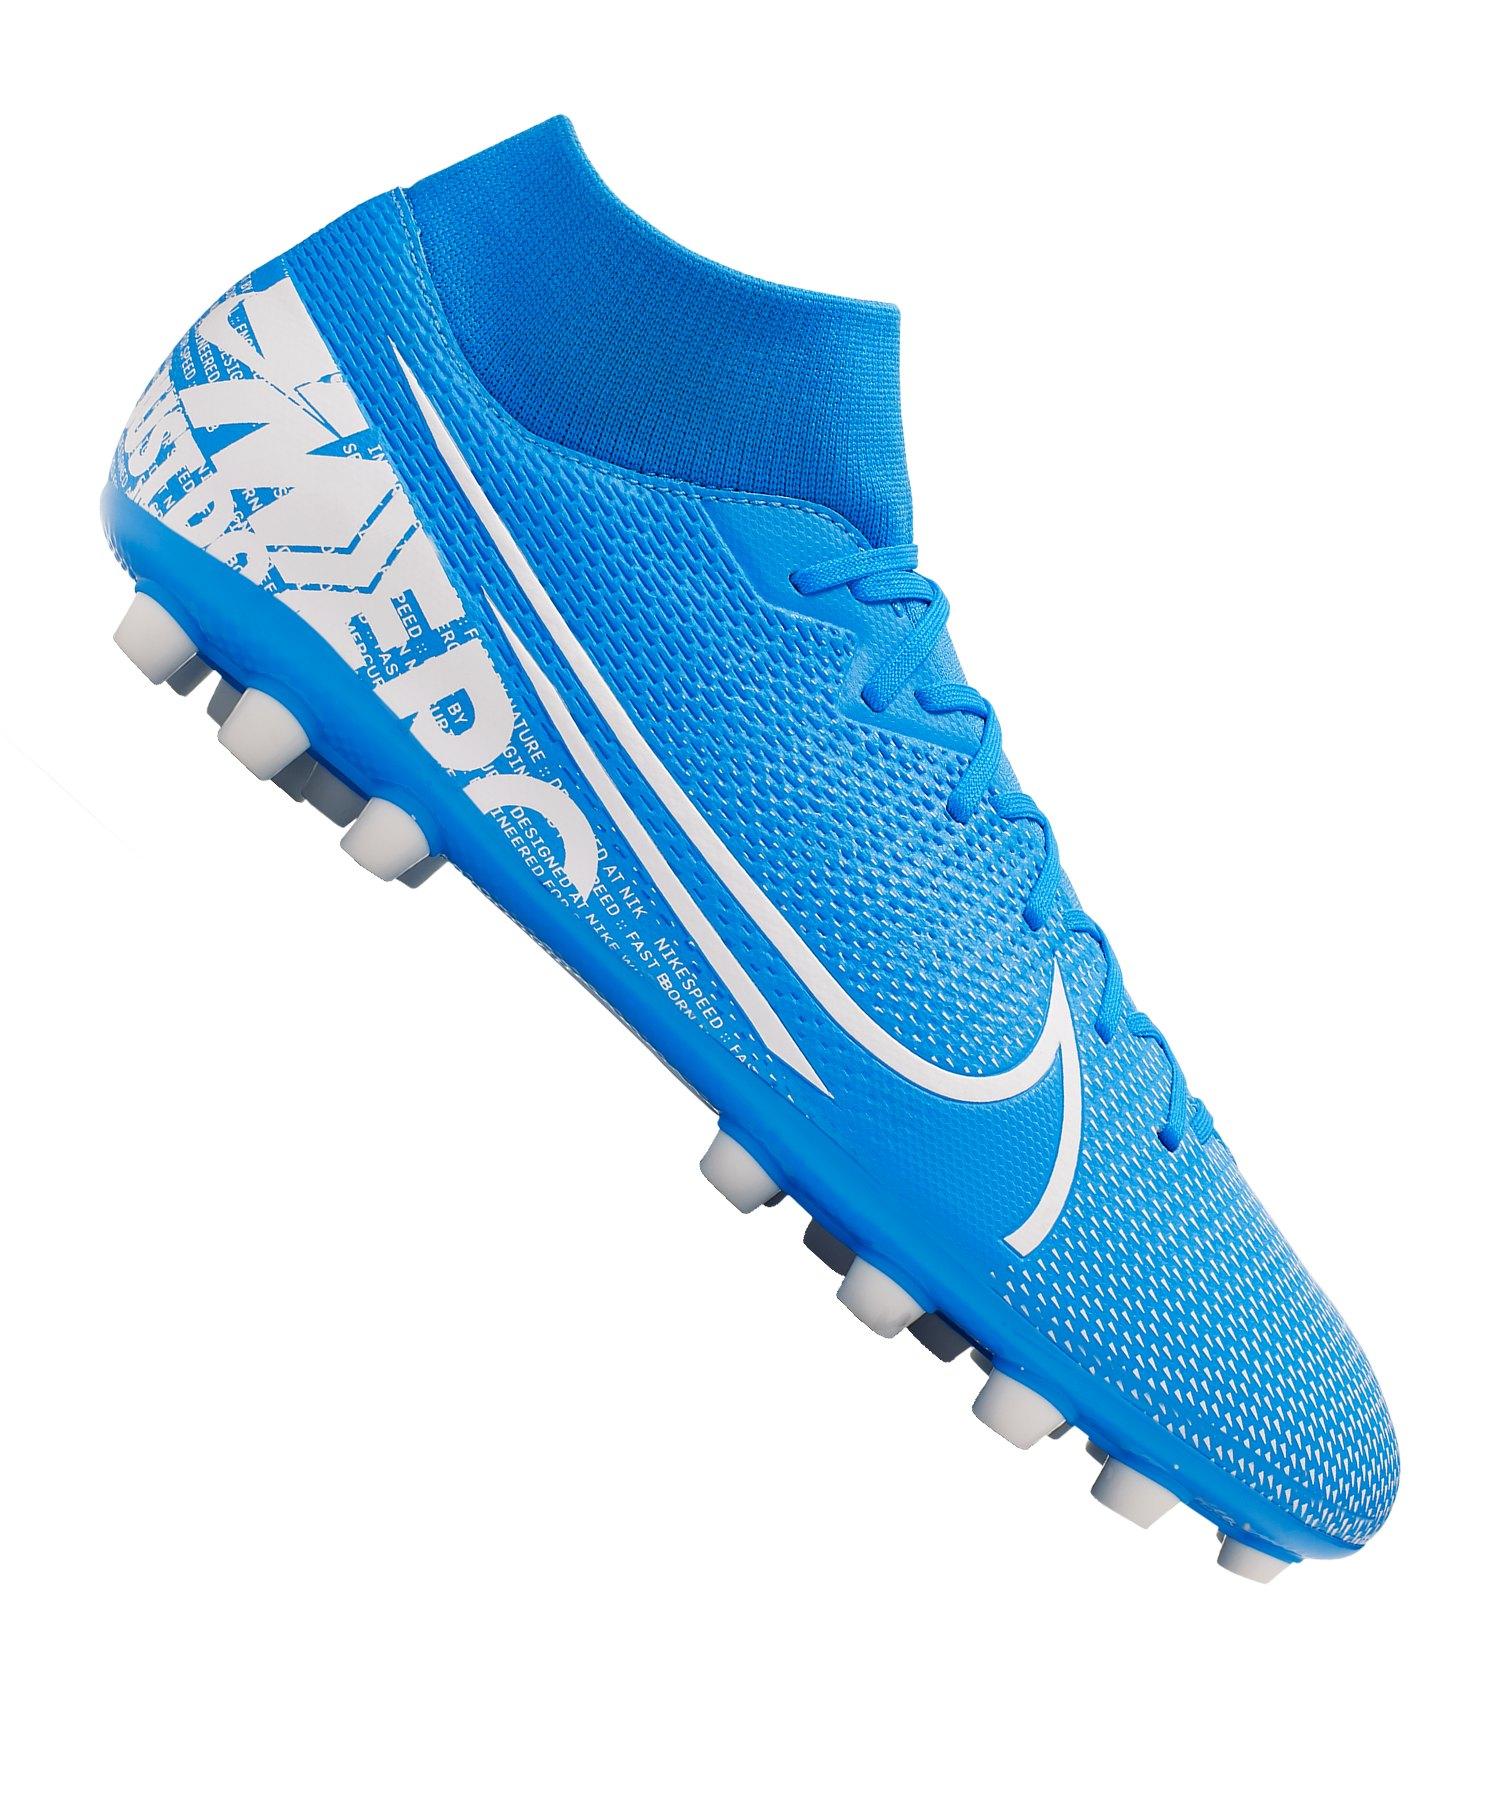 Nike Mercurial Superfly VII Academy AG Blau F414 - blau